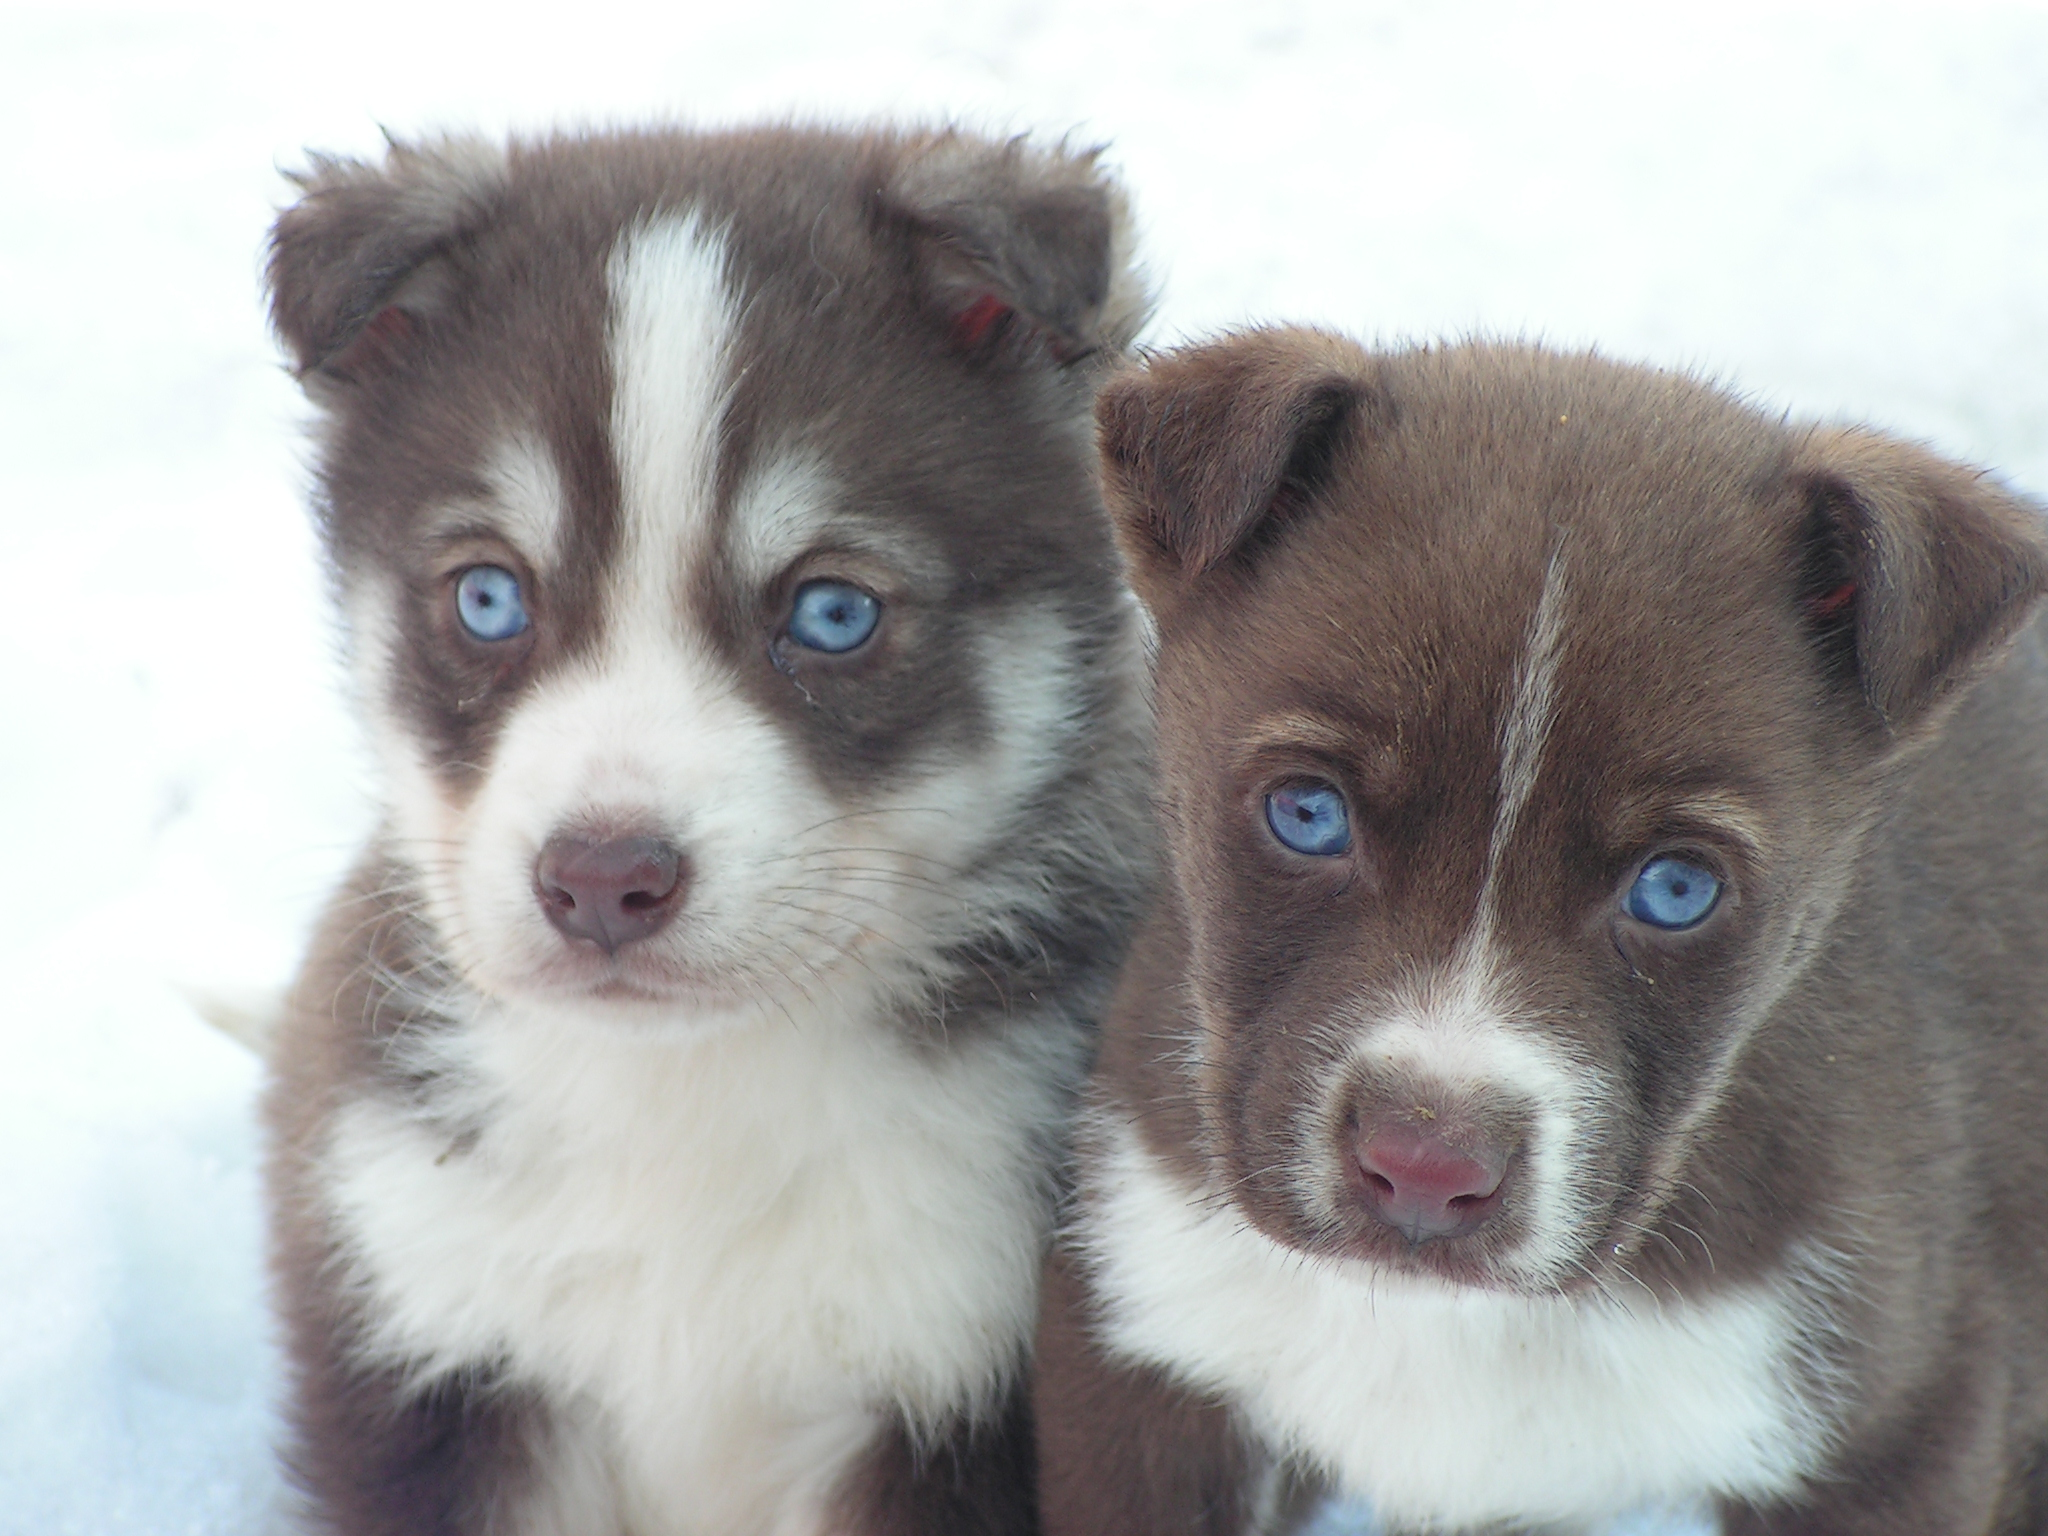 Blu and Azzuro